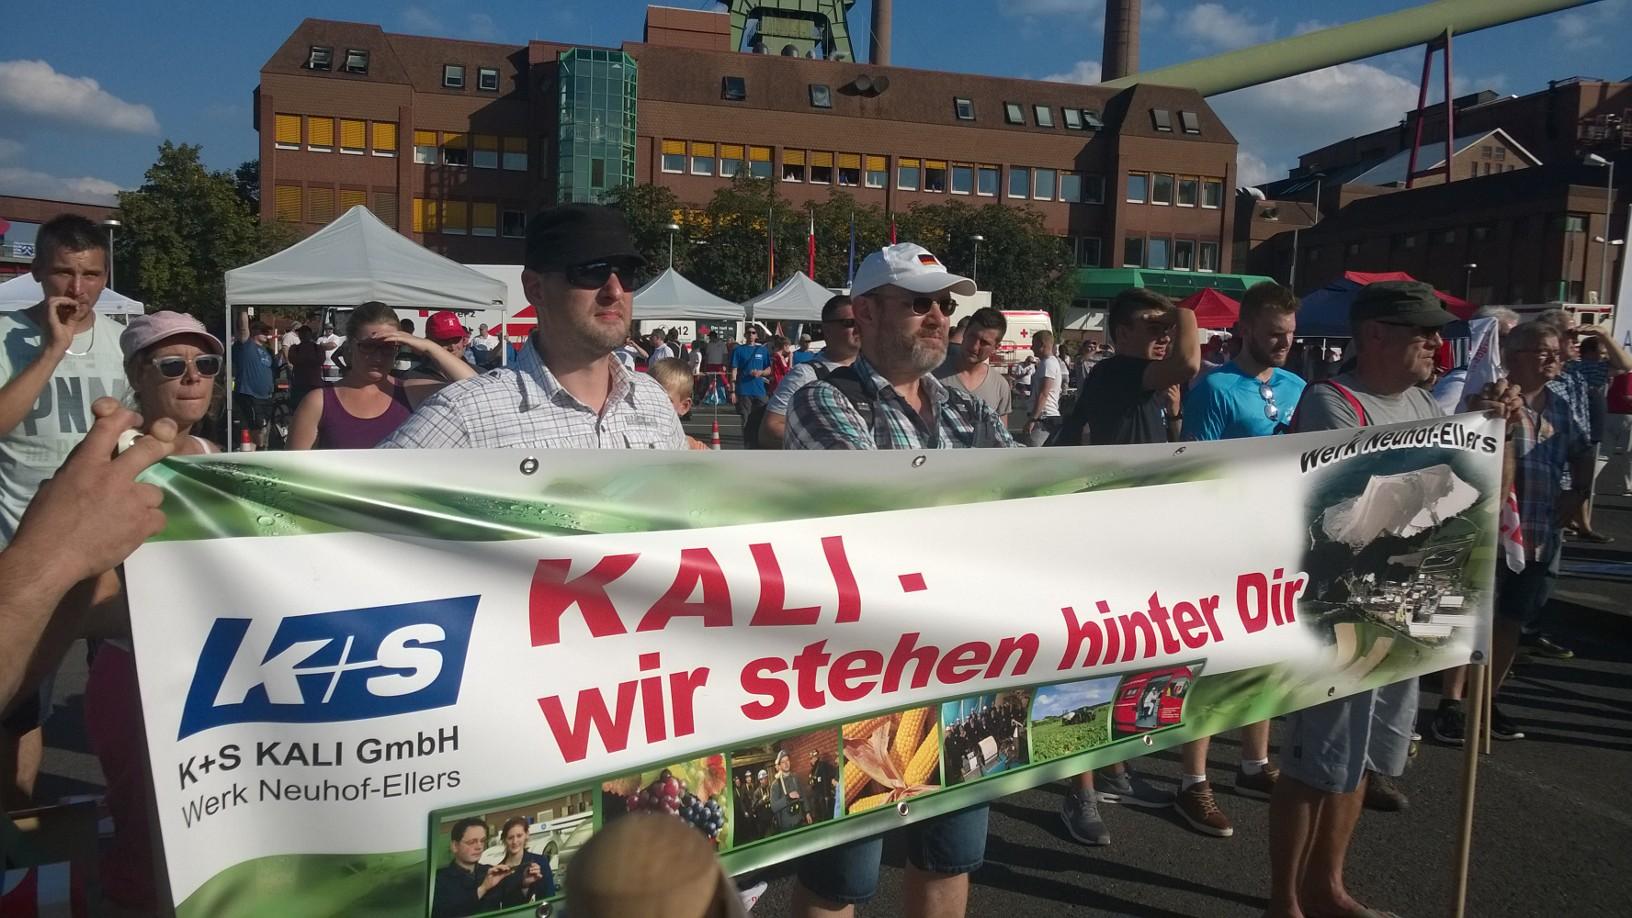 Beschäftigte aus dem Werk Neuhof zeigen ihre Solidarität